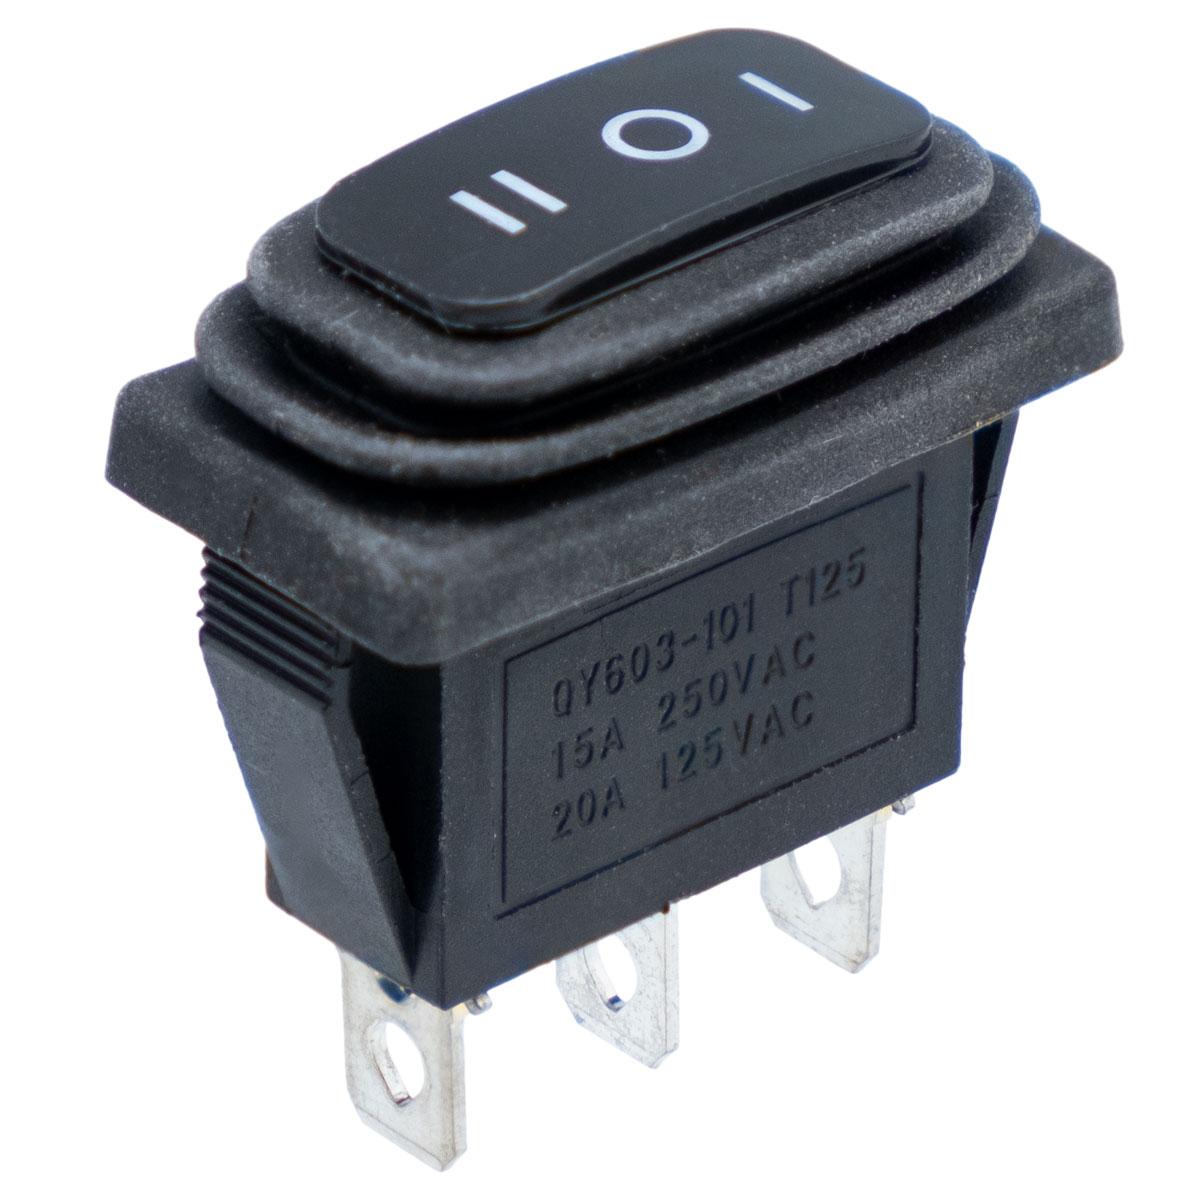 Interruptor estanco, rectangular 3pines